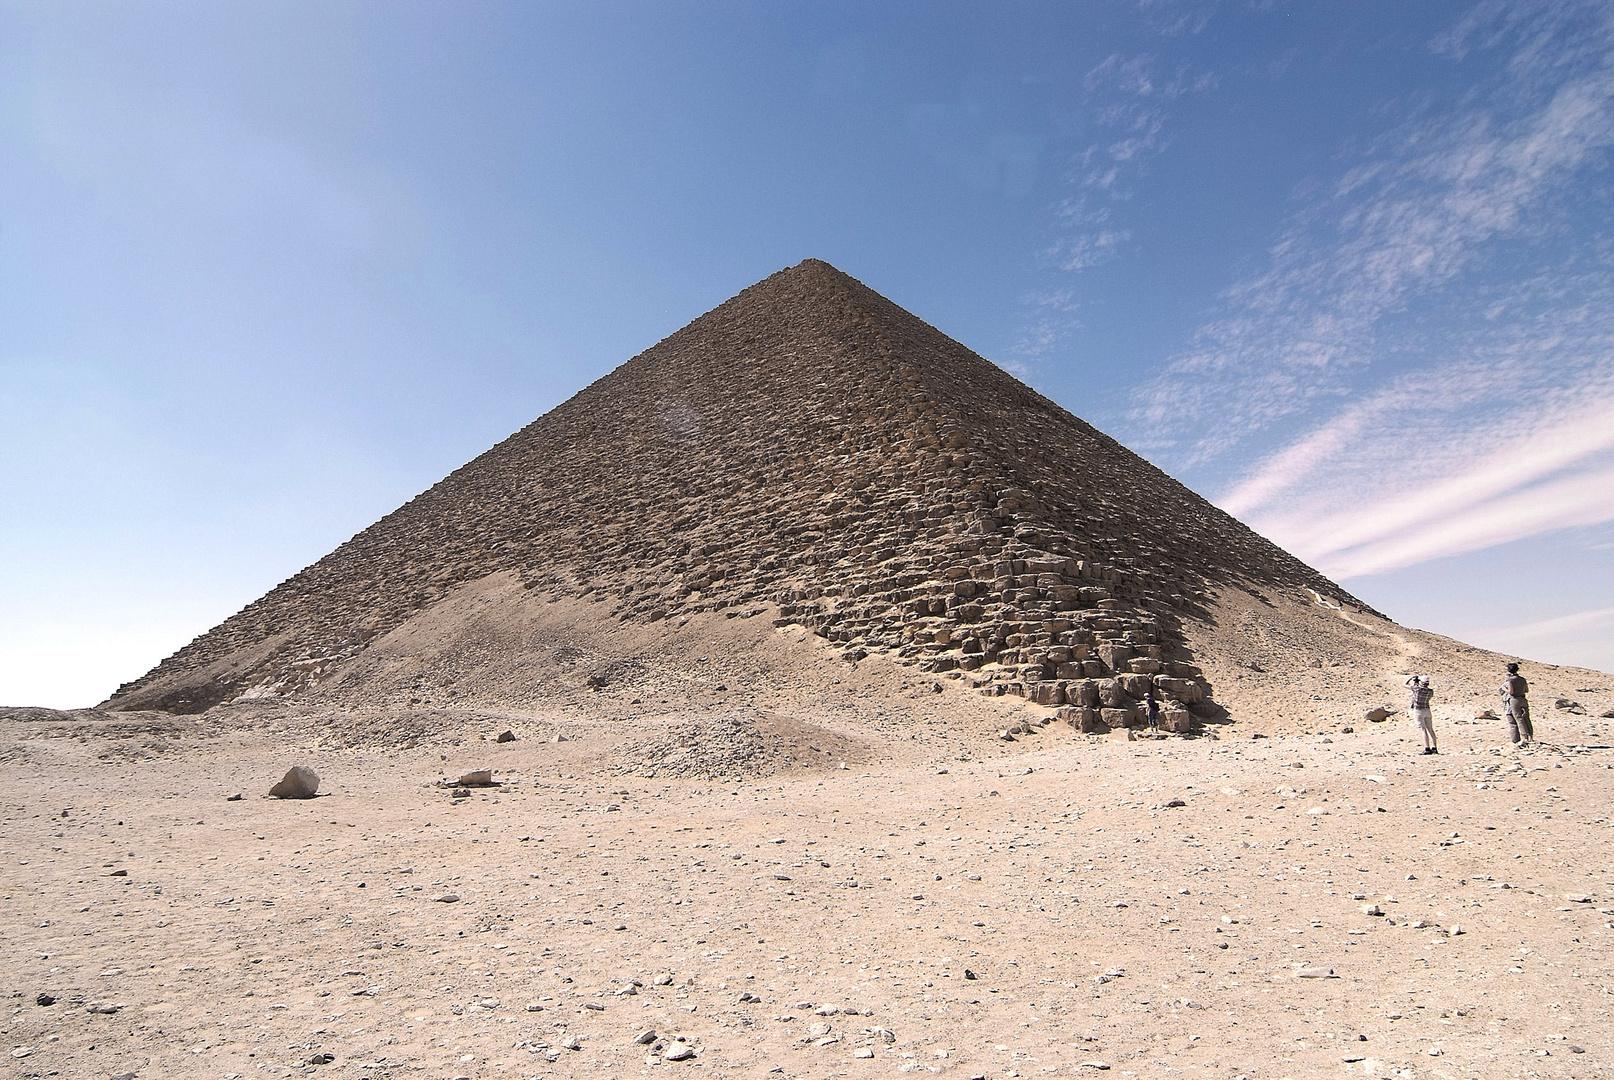 RotePyramide100